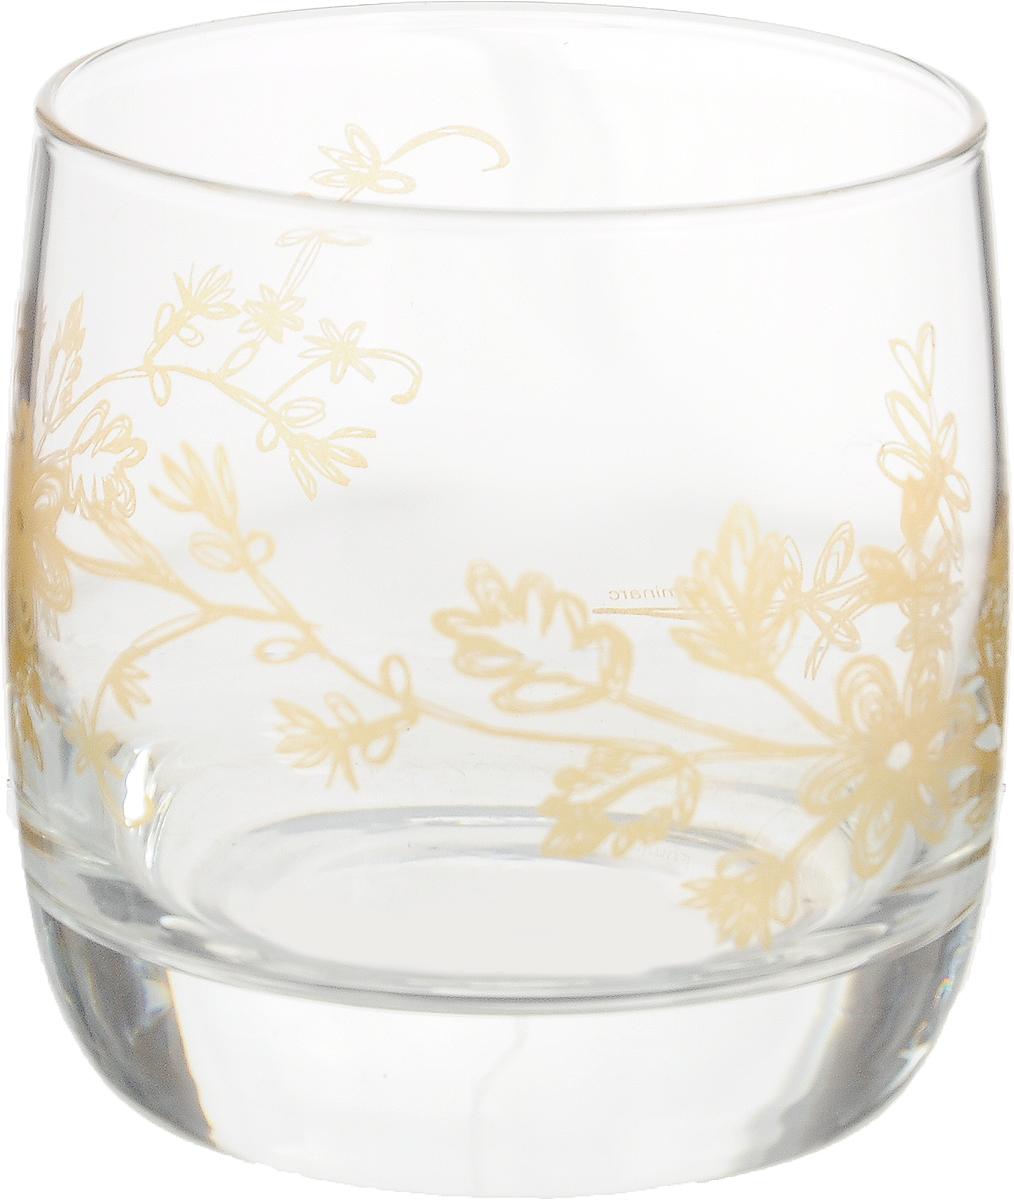 """Стакан OSZ """"Летний микс"""" выполнен из высококачественного бесцветного стекла и украшен ярким принтом. Идеально подходит для сервировки стола.      Такой стакан не только украсит ваш кухонный стол, но и подчеркнет прекрасный вкус хозяйки."""